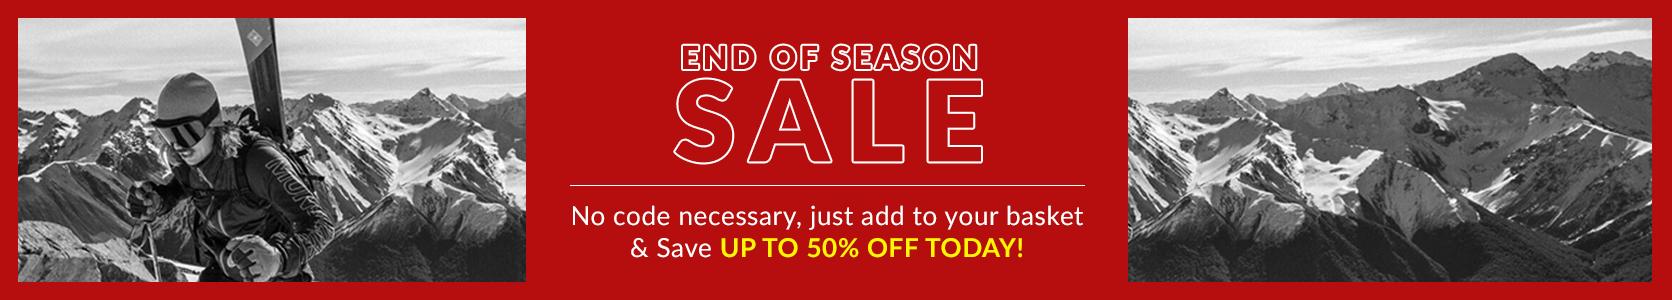 Winter 21 End of Season Sale